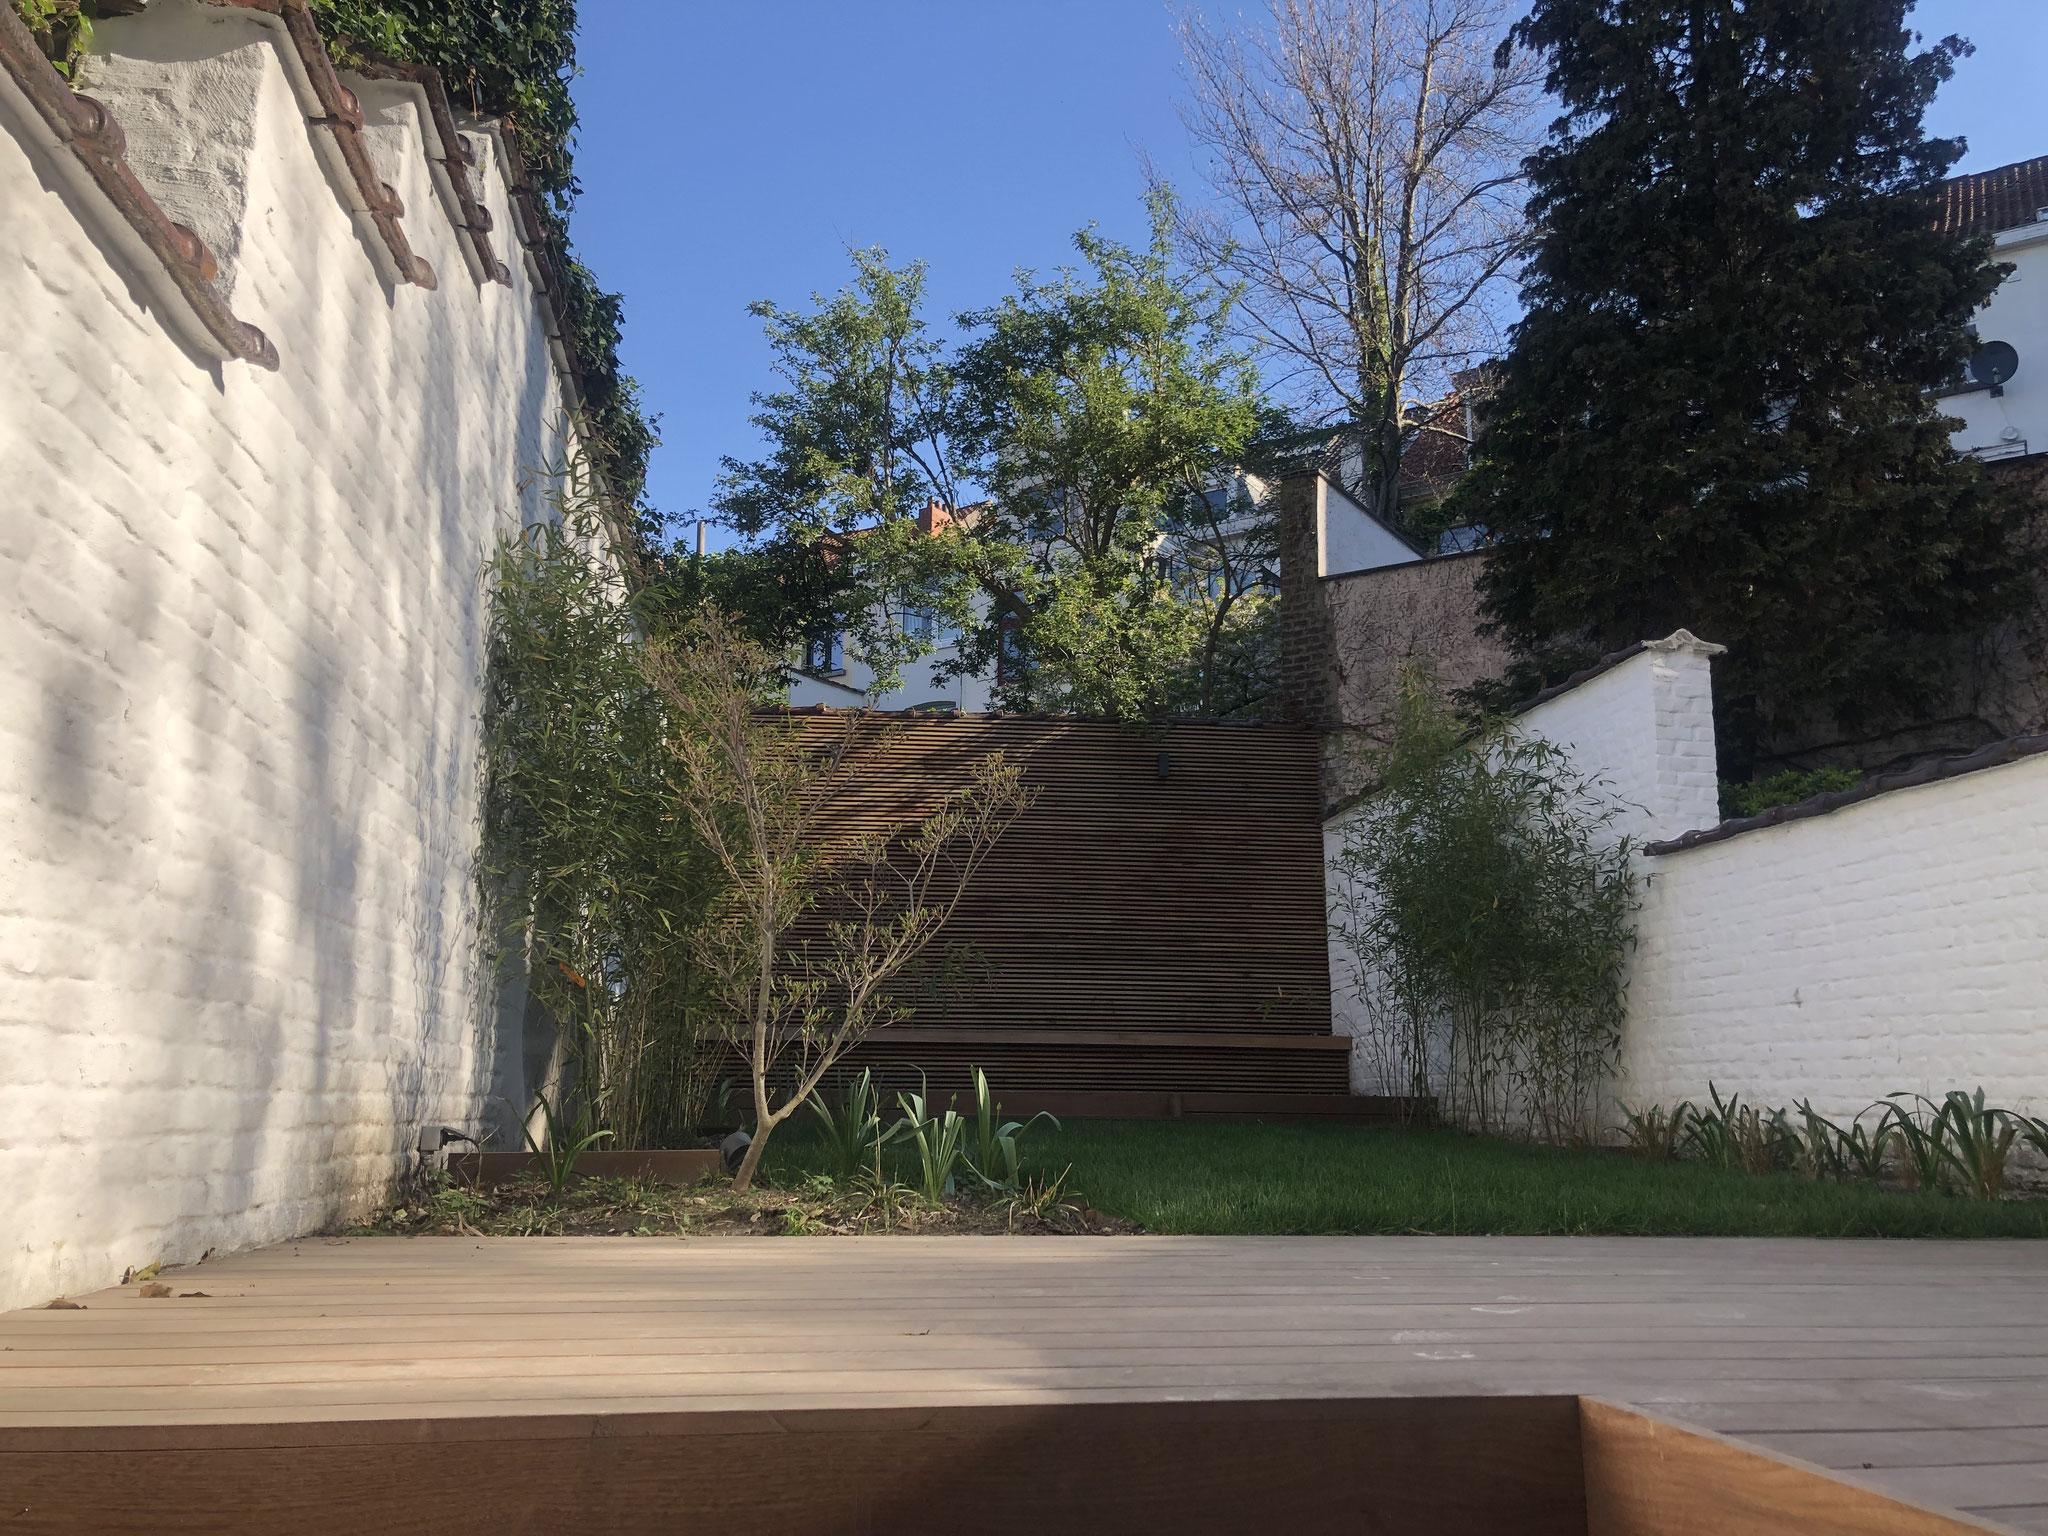 Jardin de 100m2 - Style contemporain - Vue d'ensemble / Terrasse principale depuis la cave. Aménagement jardin Bruxelles